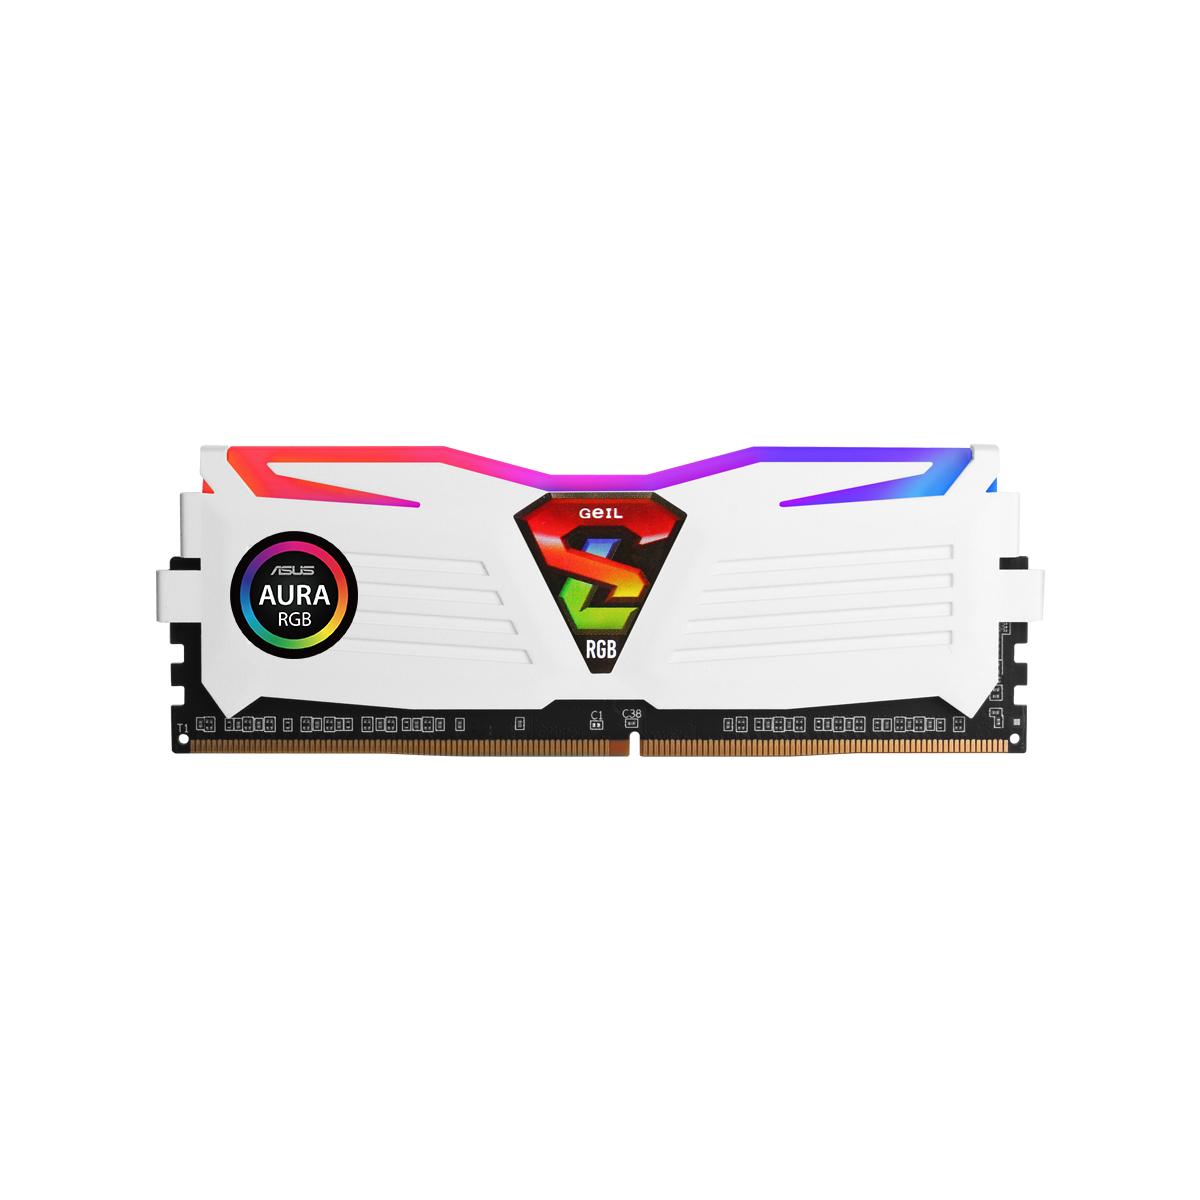 GeIL DDR4 16G PC4-21300 CL19 SUPER LUCE RGB Sync 화이트